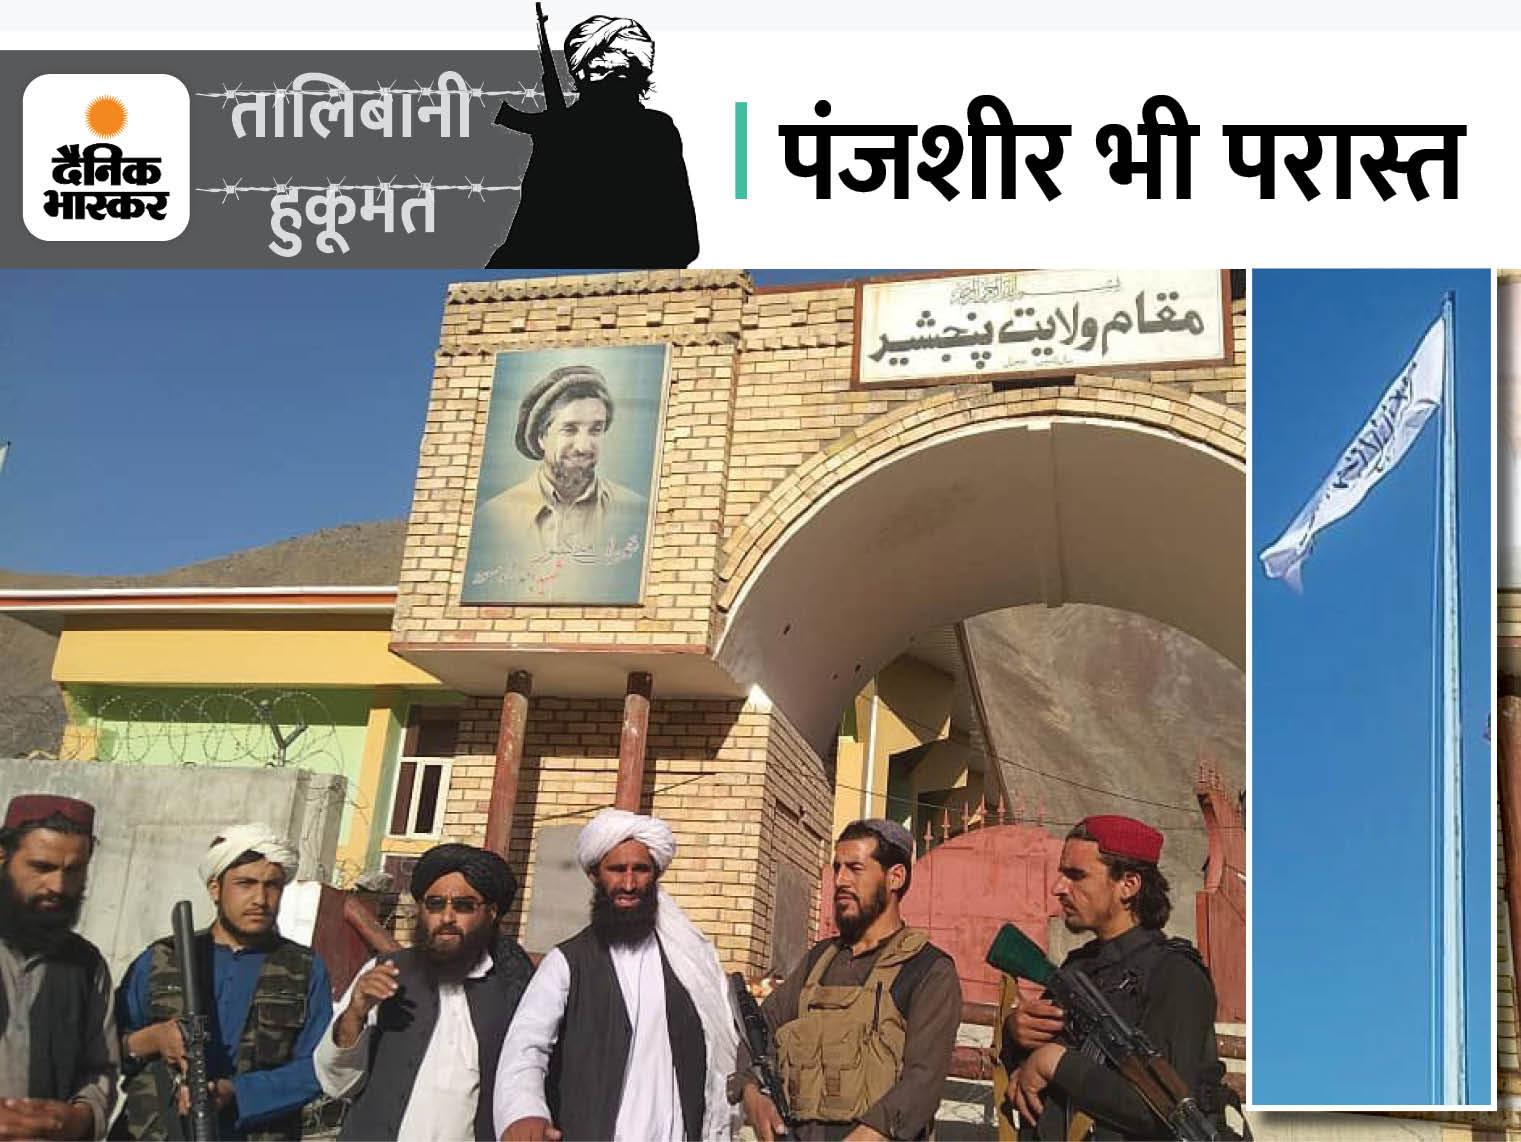 तालिबान ने कहा- पाकिस्तान को आंतरिक मामलों में दखल नहीं देने देंगे; काबुल से सेना वापसी के बाद पहली बार कतर पहुंचे अमेरिकी विदेश मंत्री|विदेश,International - Dainik Bhaskar